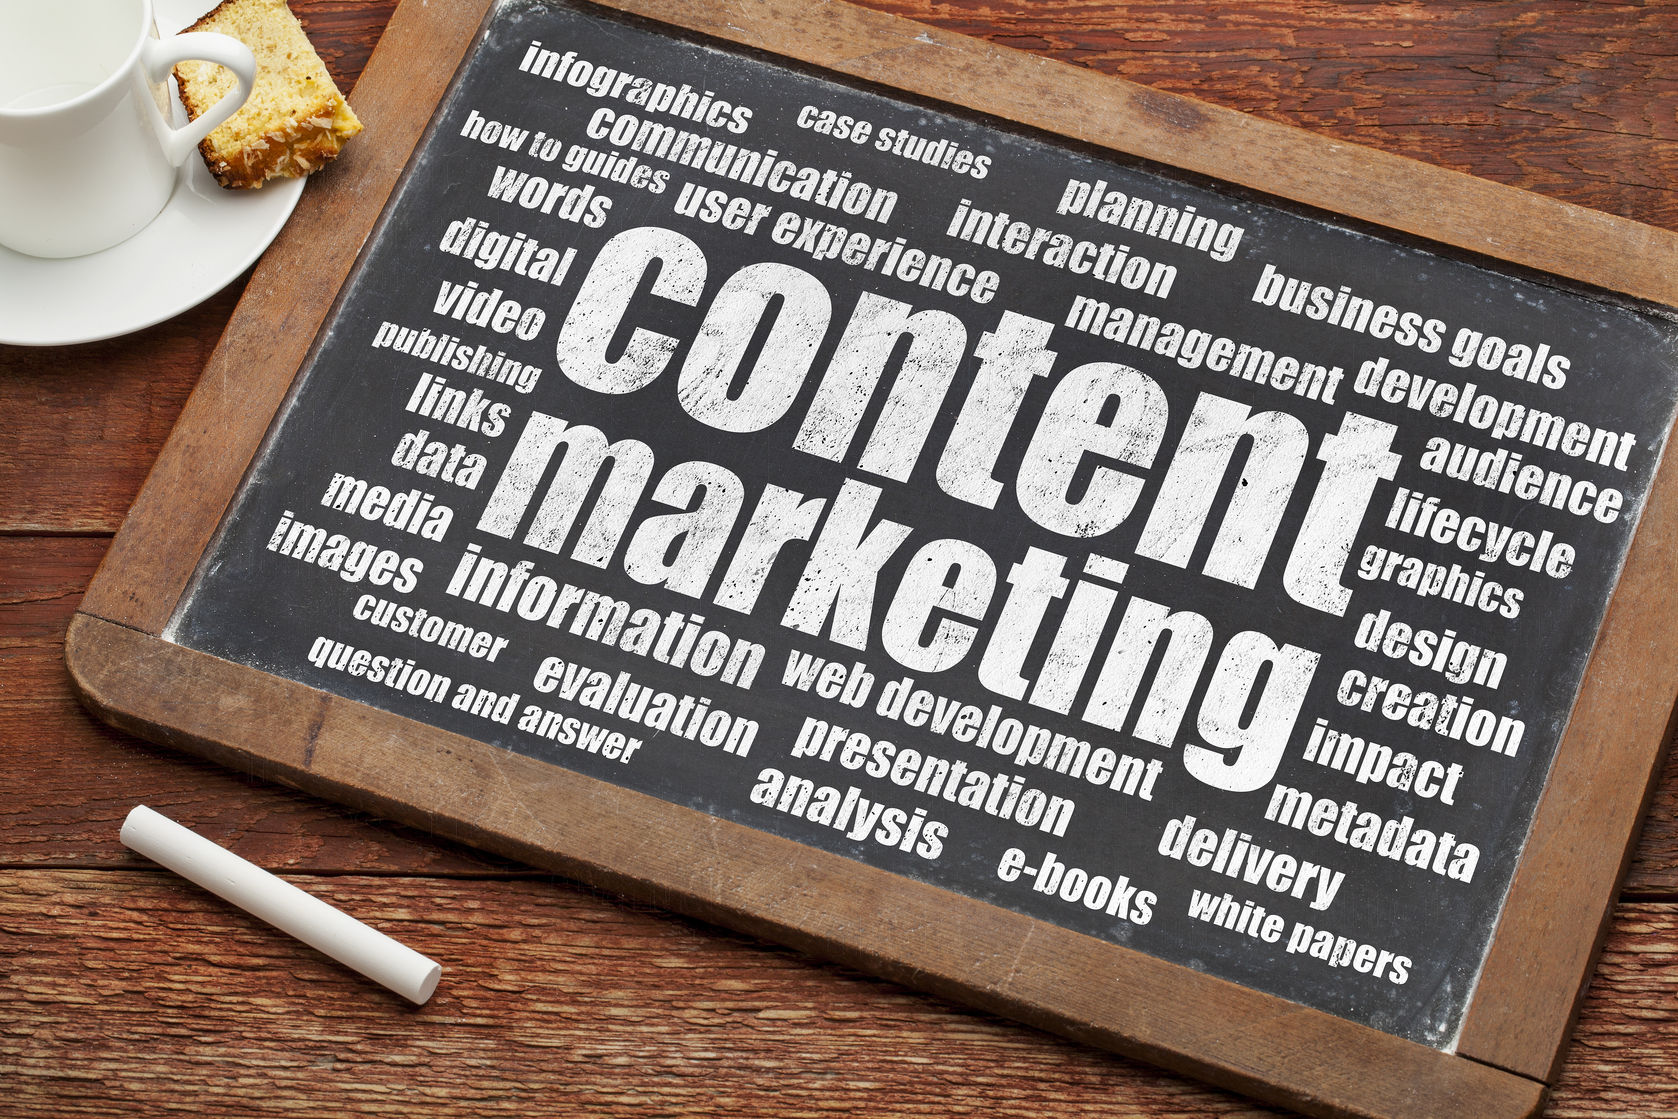 Z serca content marketingowego zamieszania – CMW 2016